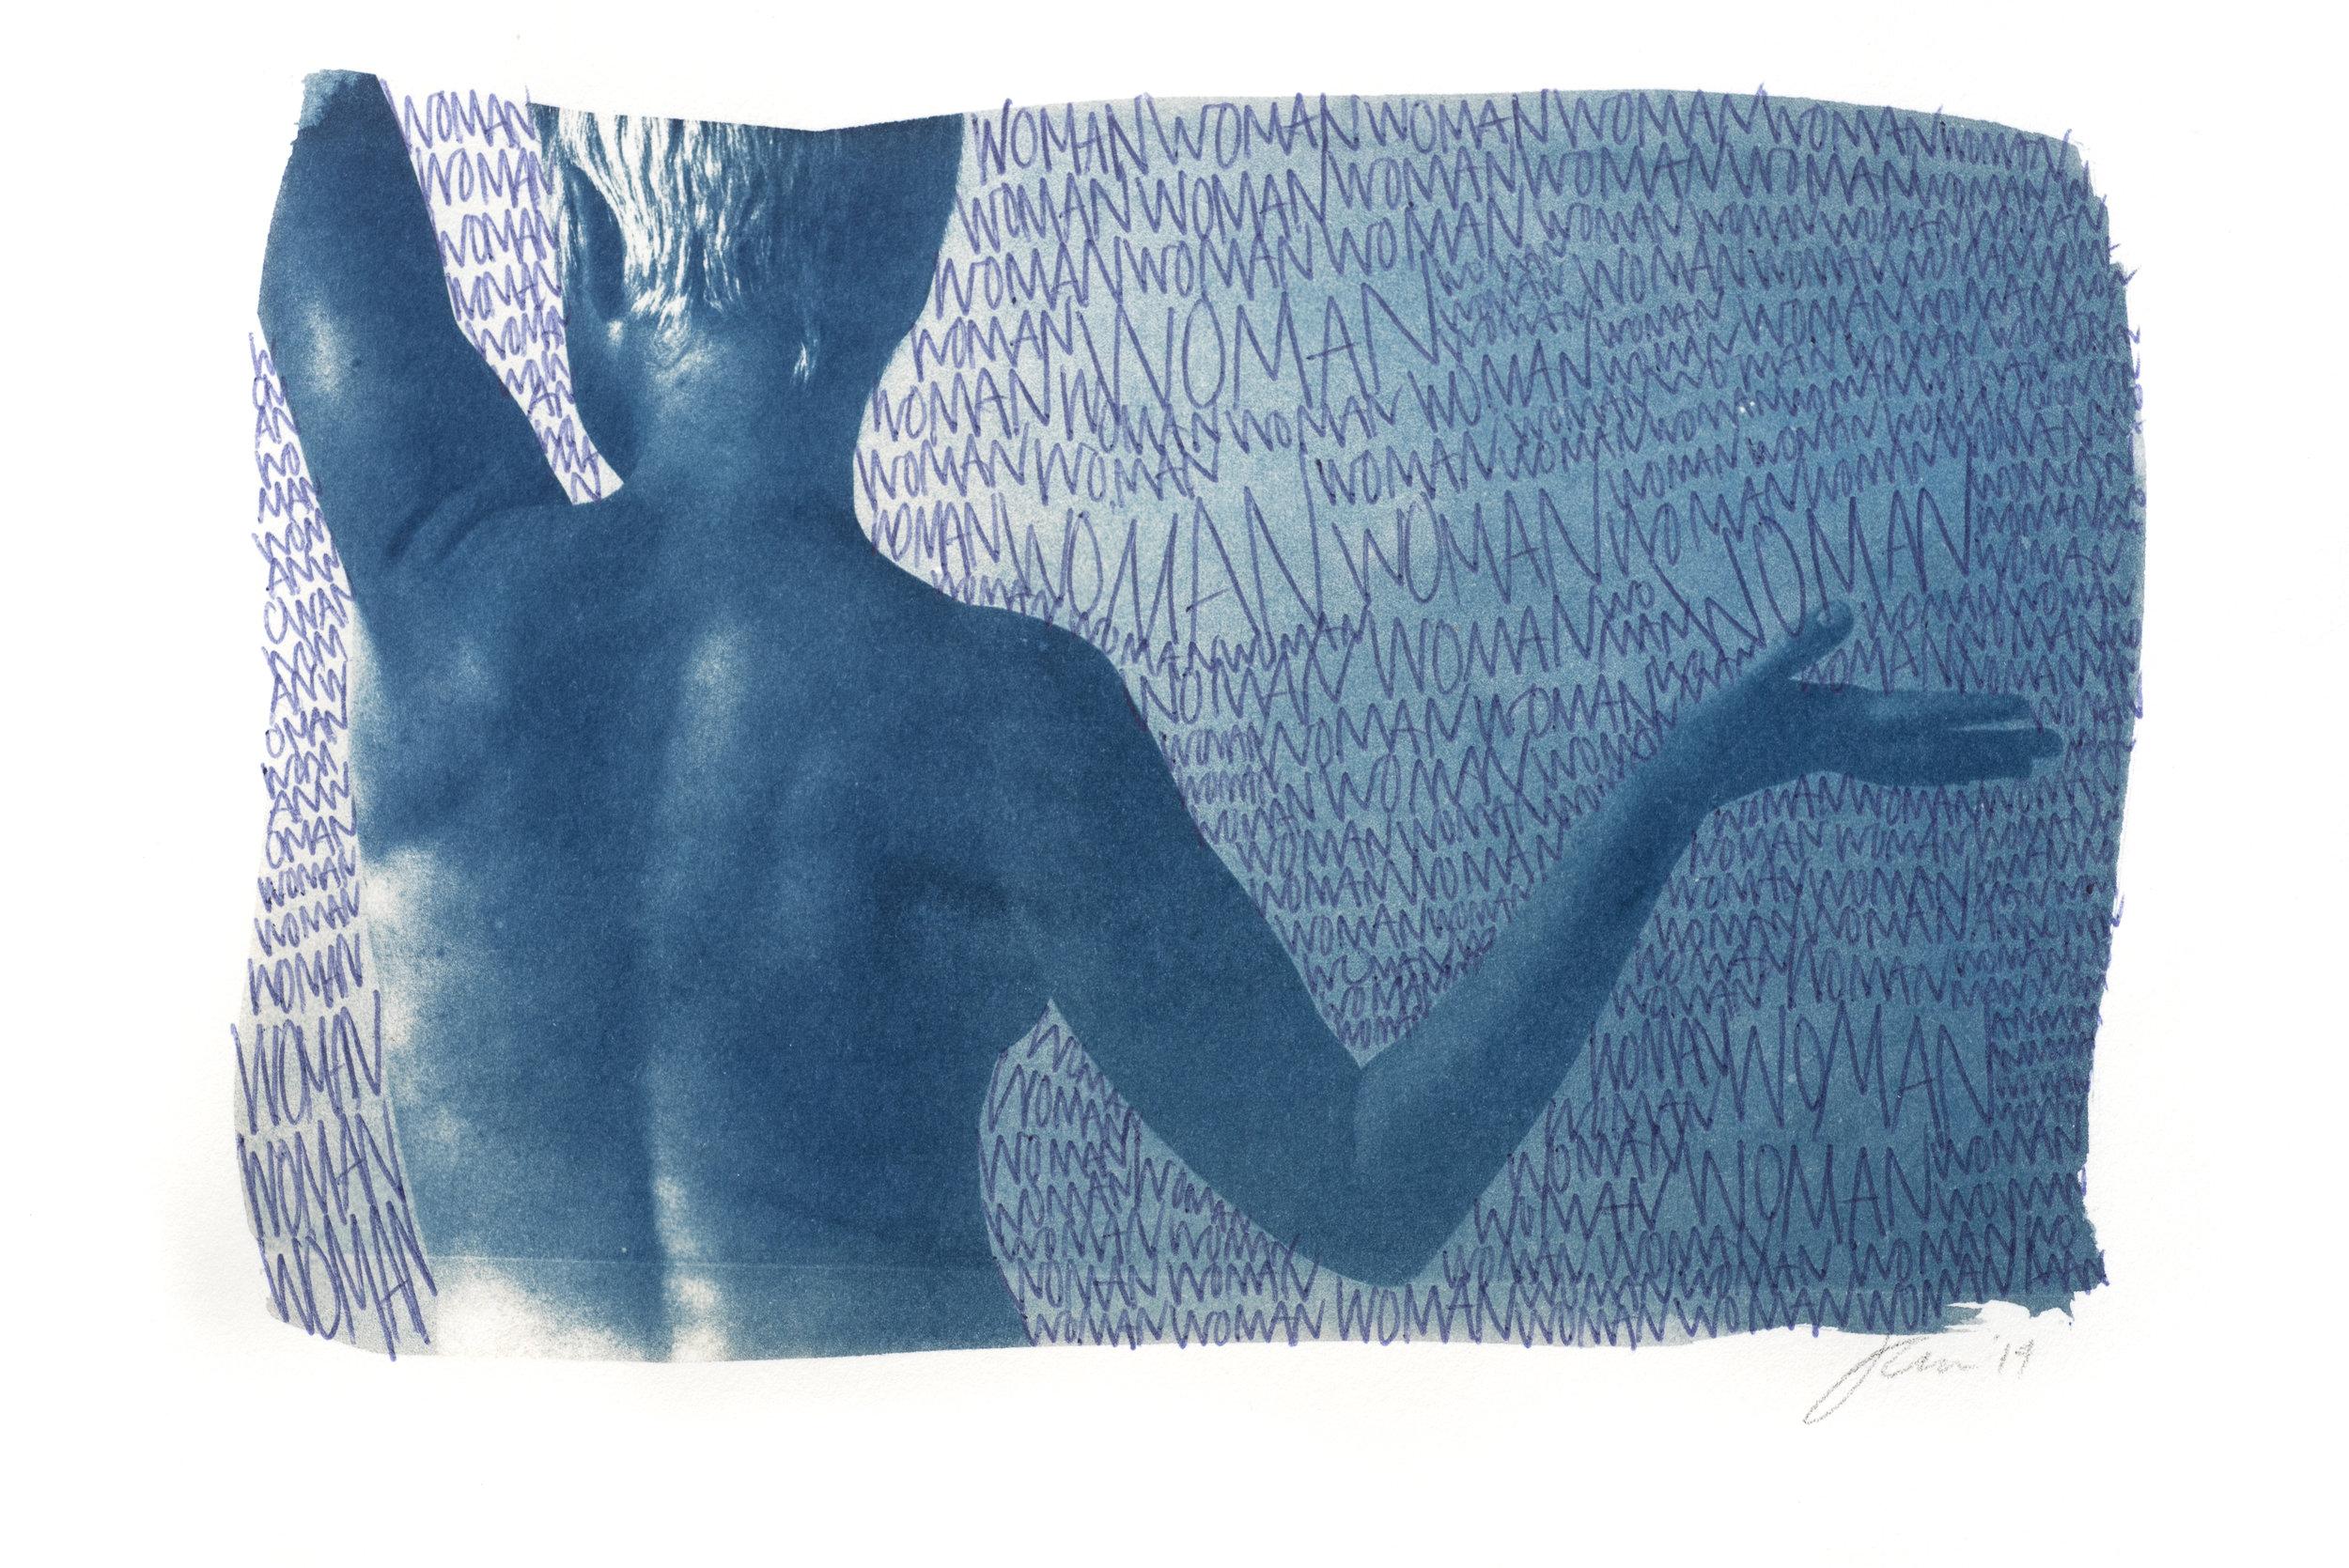 Woman Woman Woman | Cyanotype | 9 in X 6 in | Jocelyn Mathewes